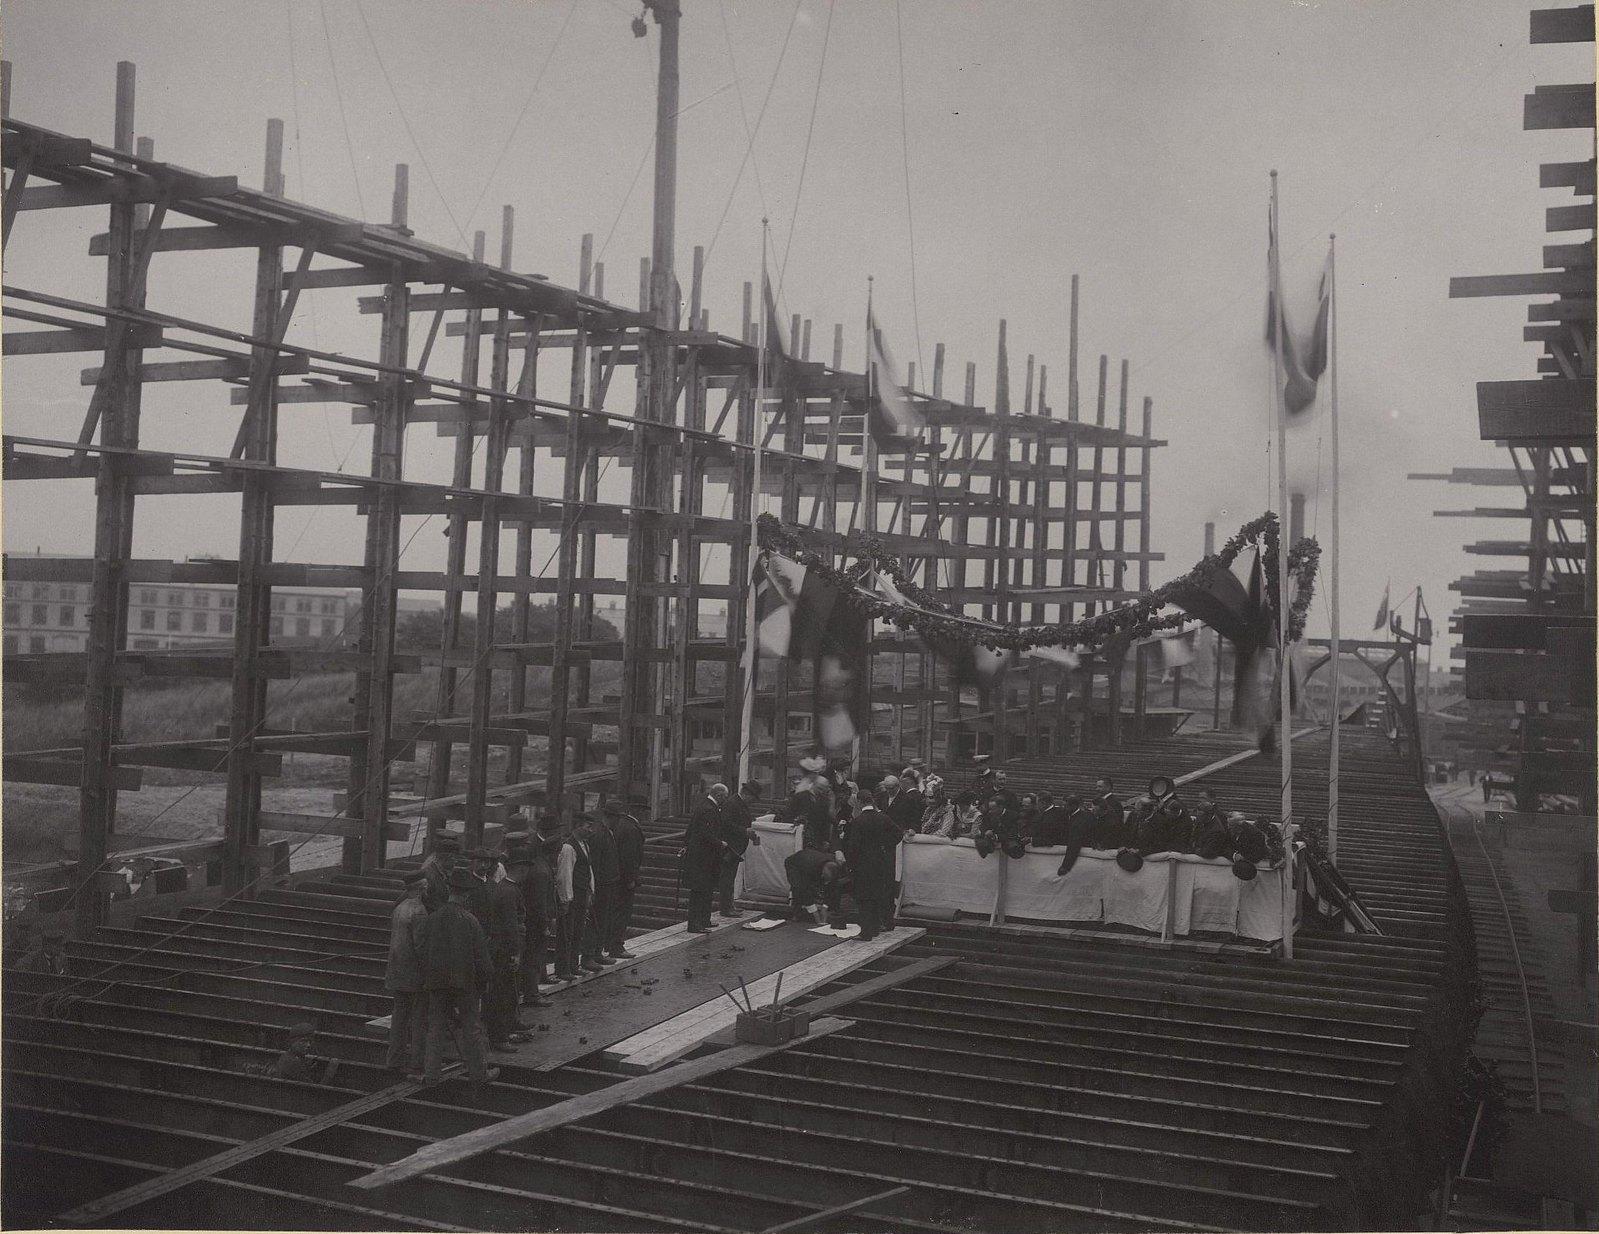 28. Закладка строительства судна «Океан» на машино-судостроительном заводе Говальдтсверке в Киле. 28 мая 1901 г.